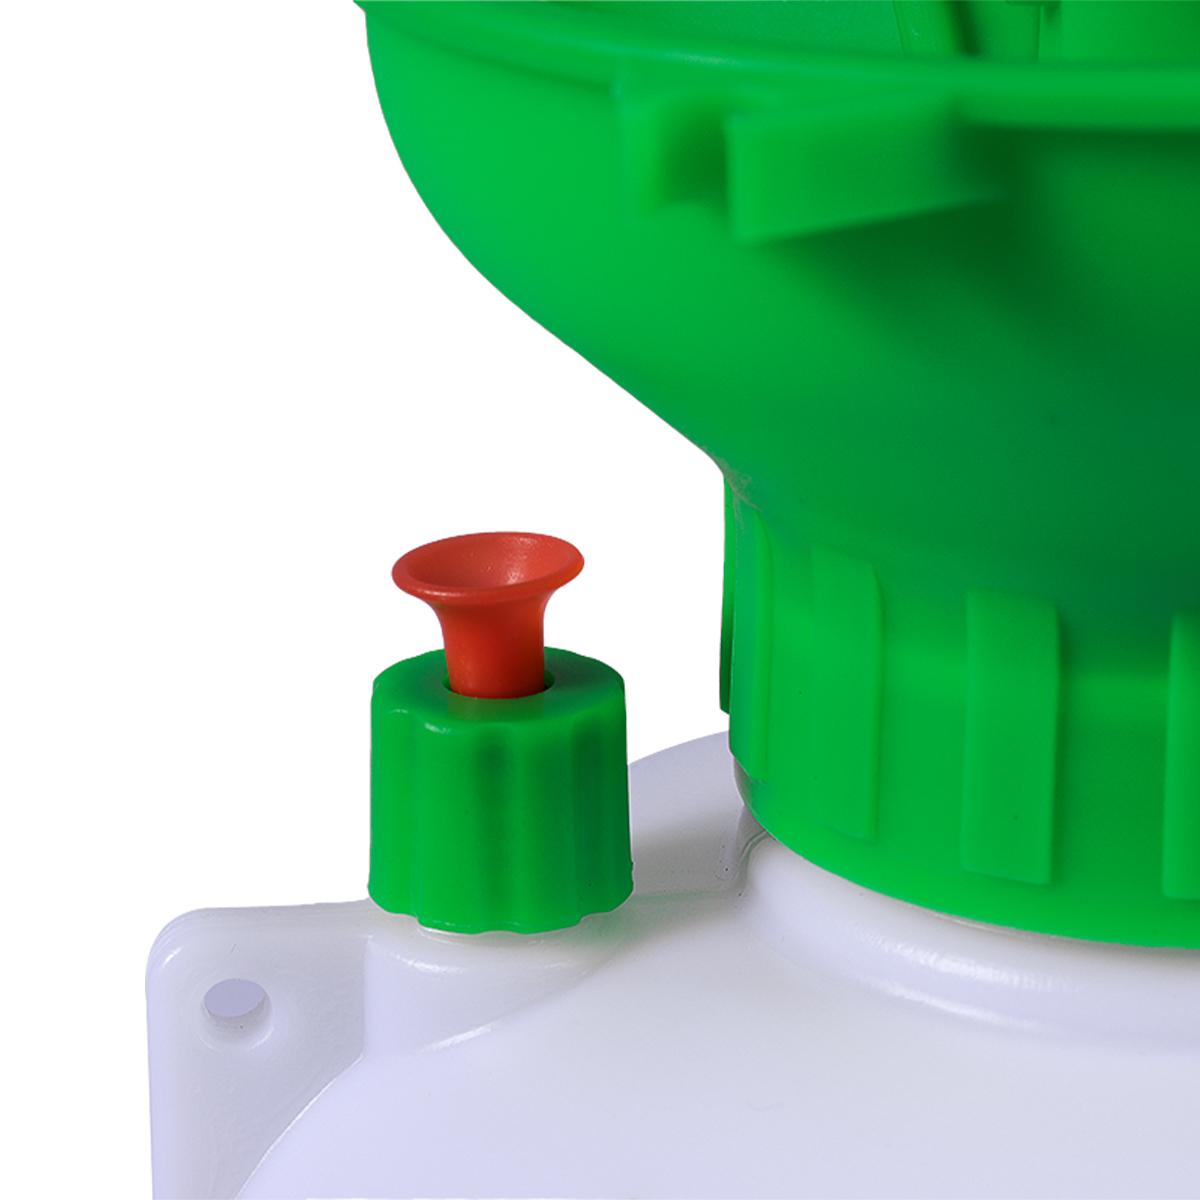 Pulverizador Pressão Acumulada 5 Litros SuperAgri + Pulverizador Borrifador Manual Pressão Acumulada 2 Litros